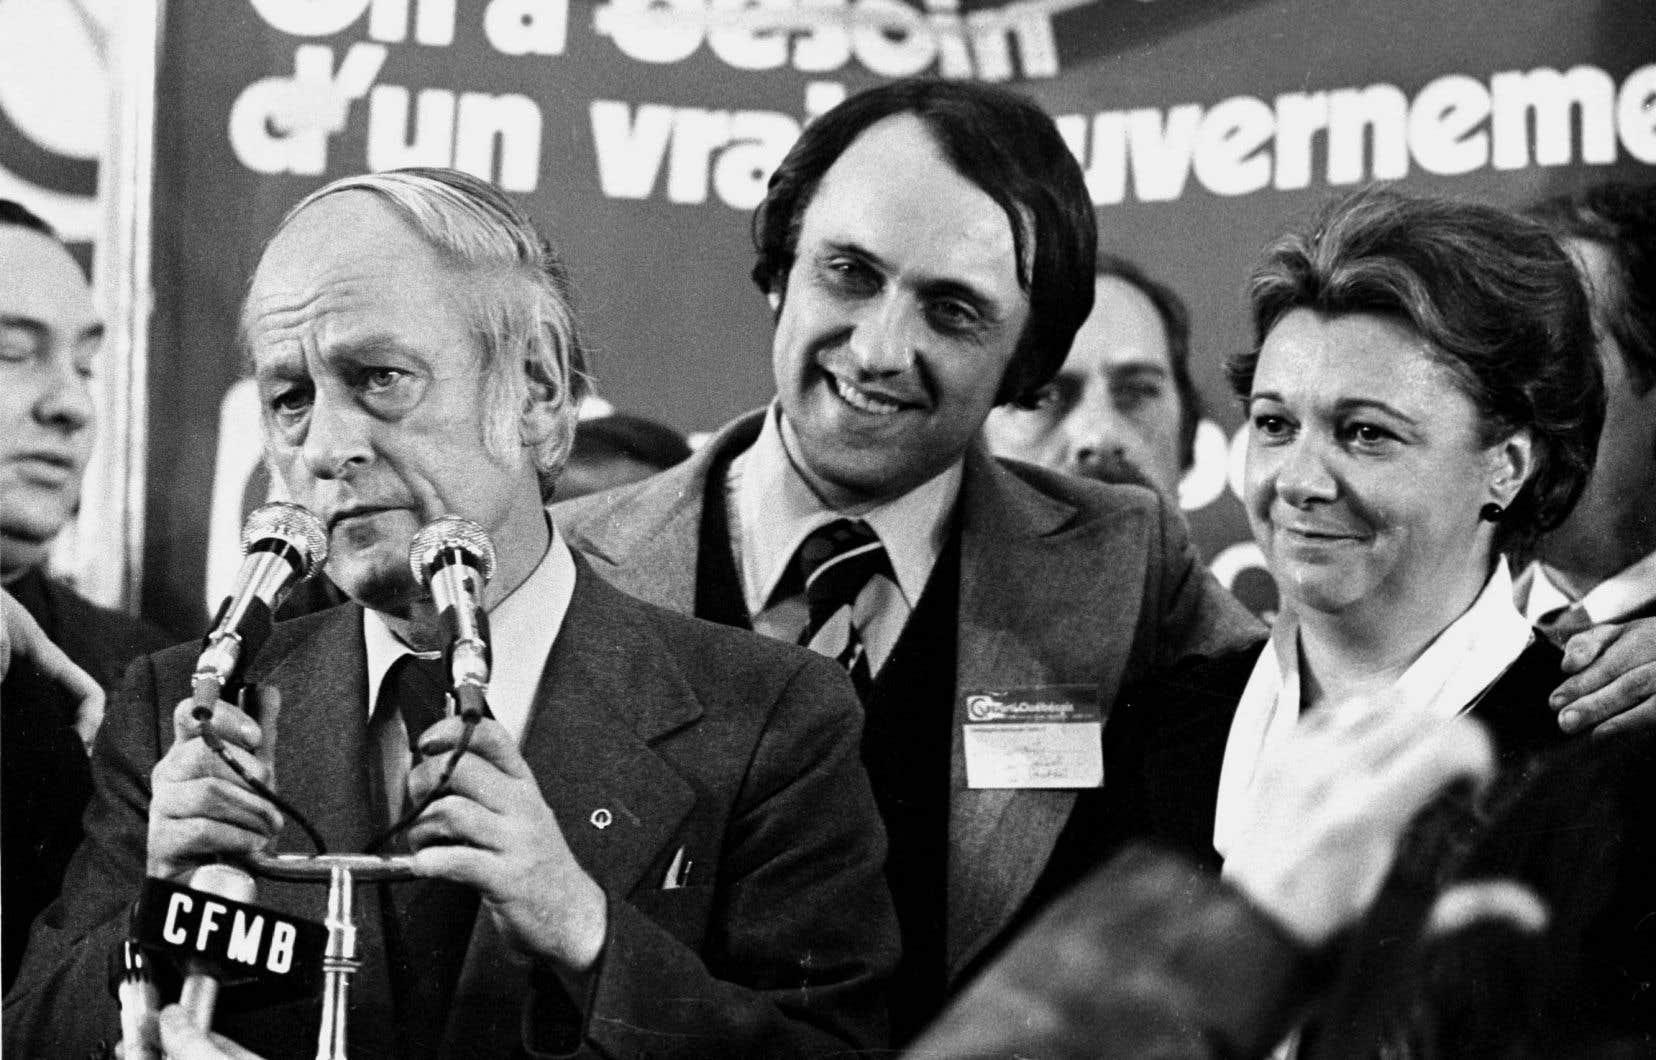 15novembre 1976. Devant une foule survoltée de plus de 10000 personnes, le chef du Parti québécois, René Lévesque, lance son désormais célèbre «je n'ai jamais pensé que je pourrais être aussi fier d'être Québécois».